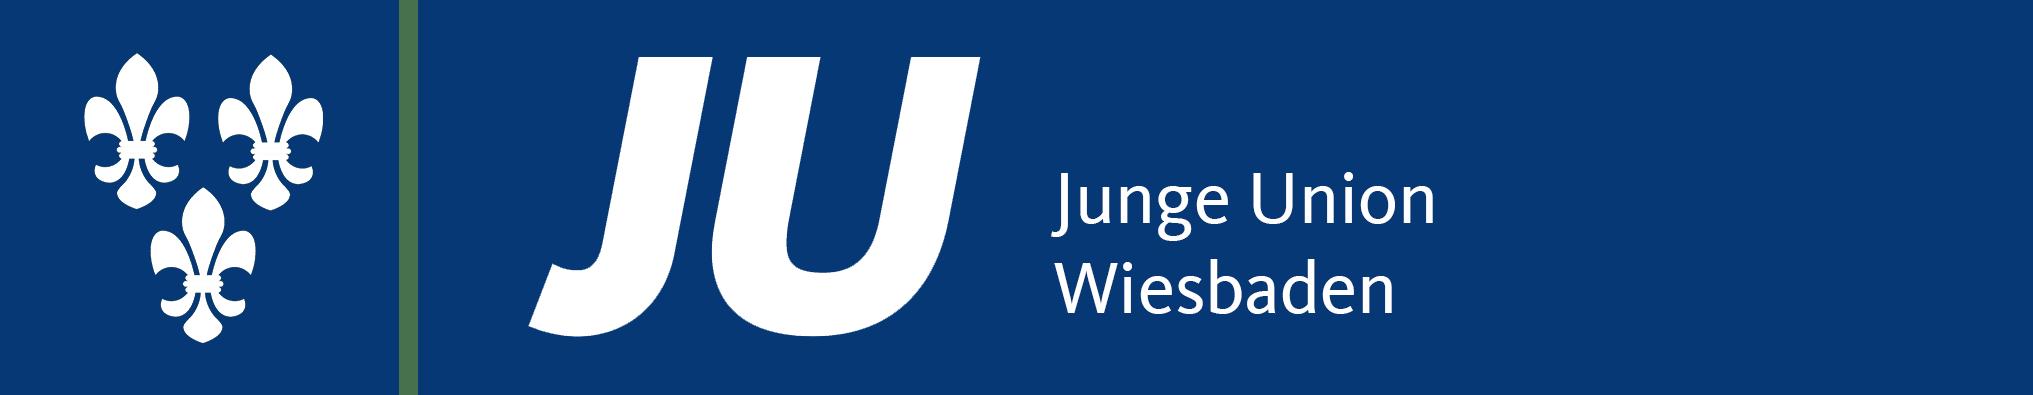 Logo von Junge Union Wiesbaden